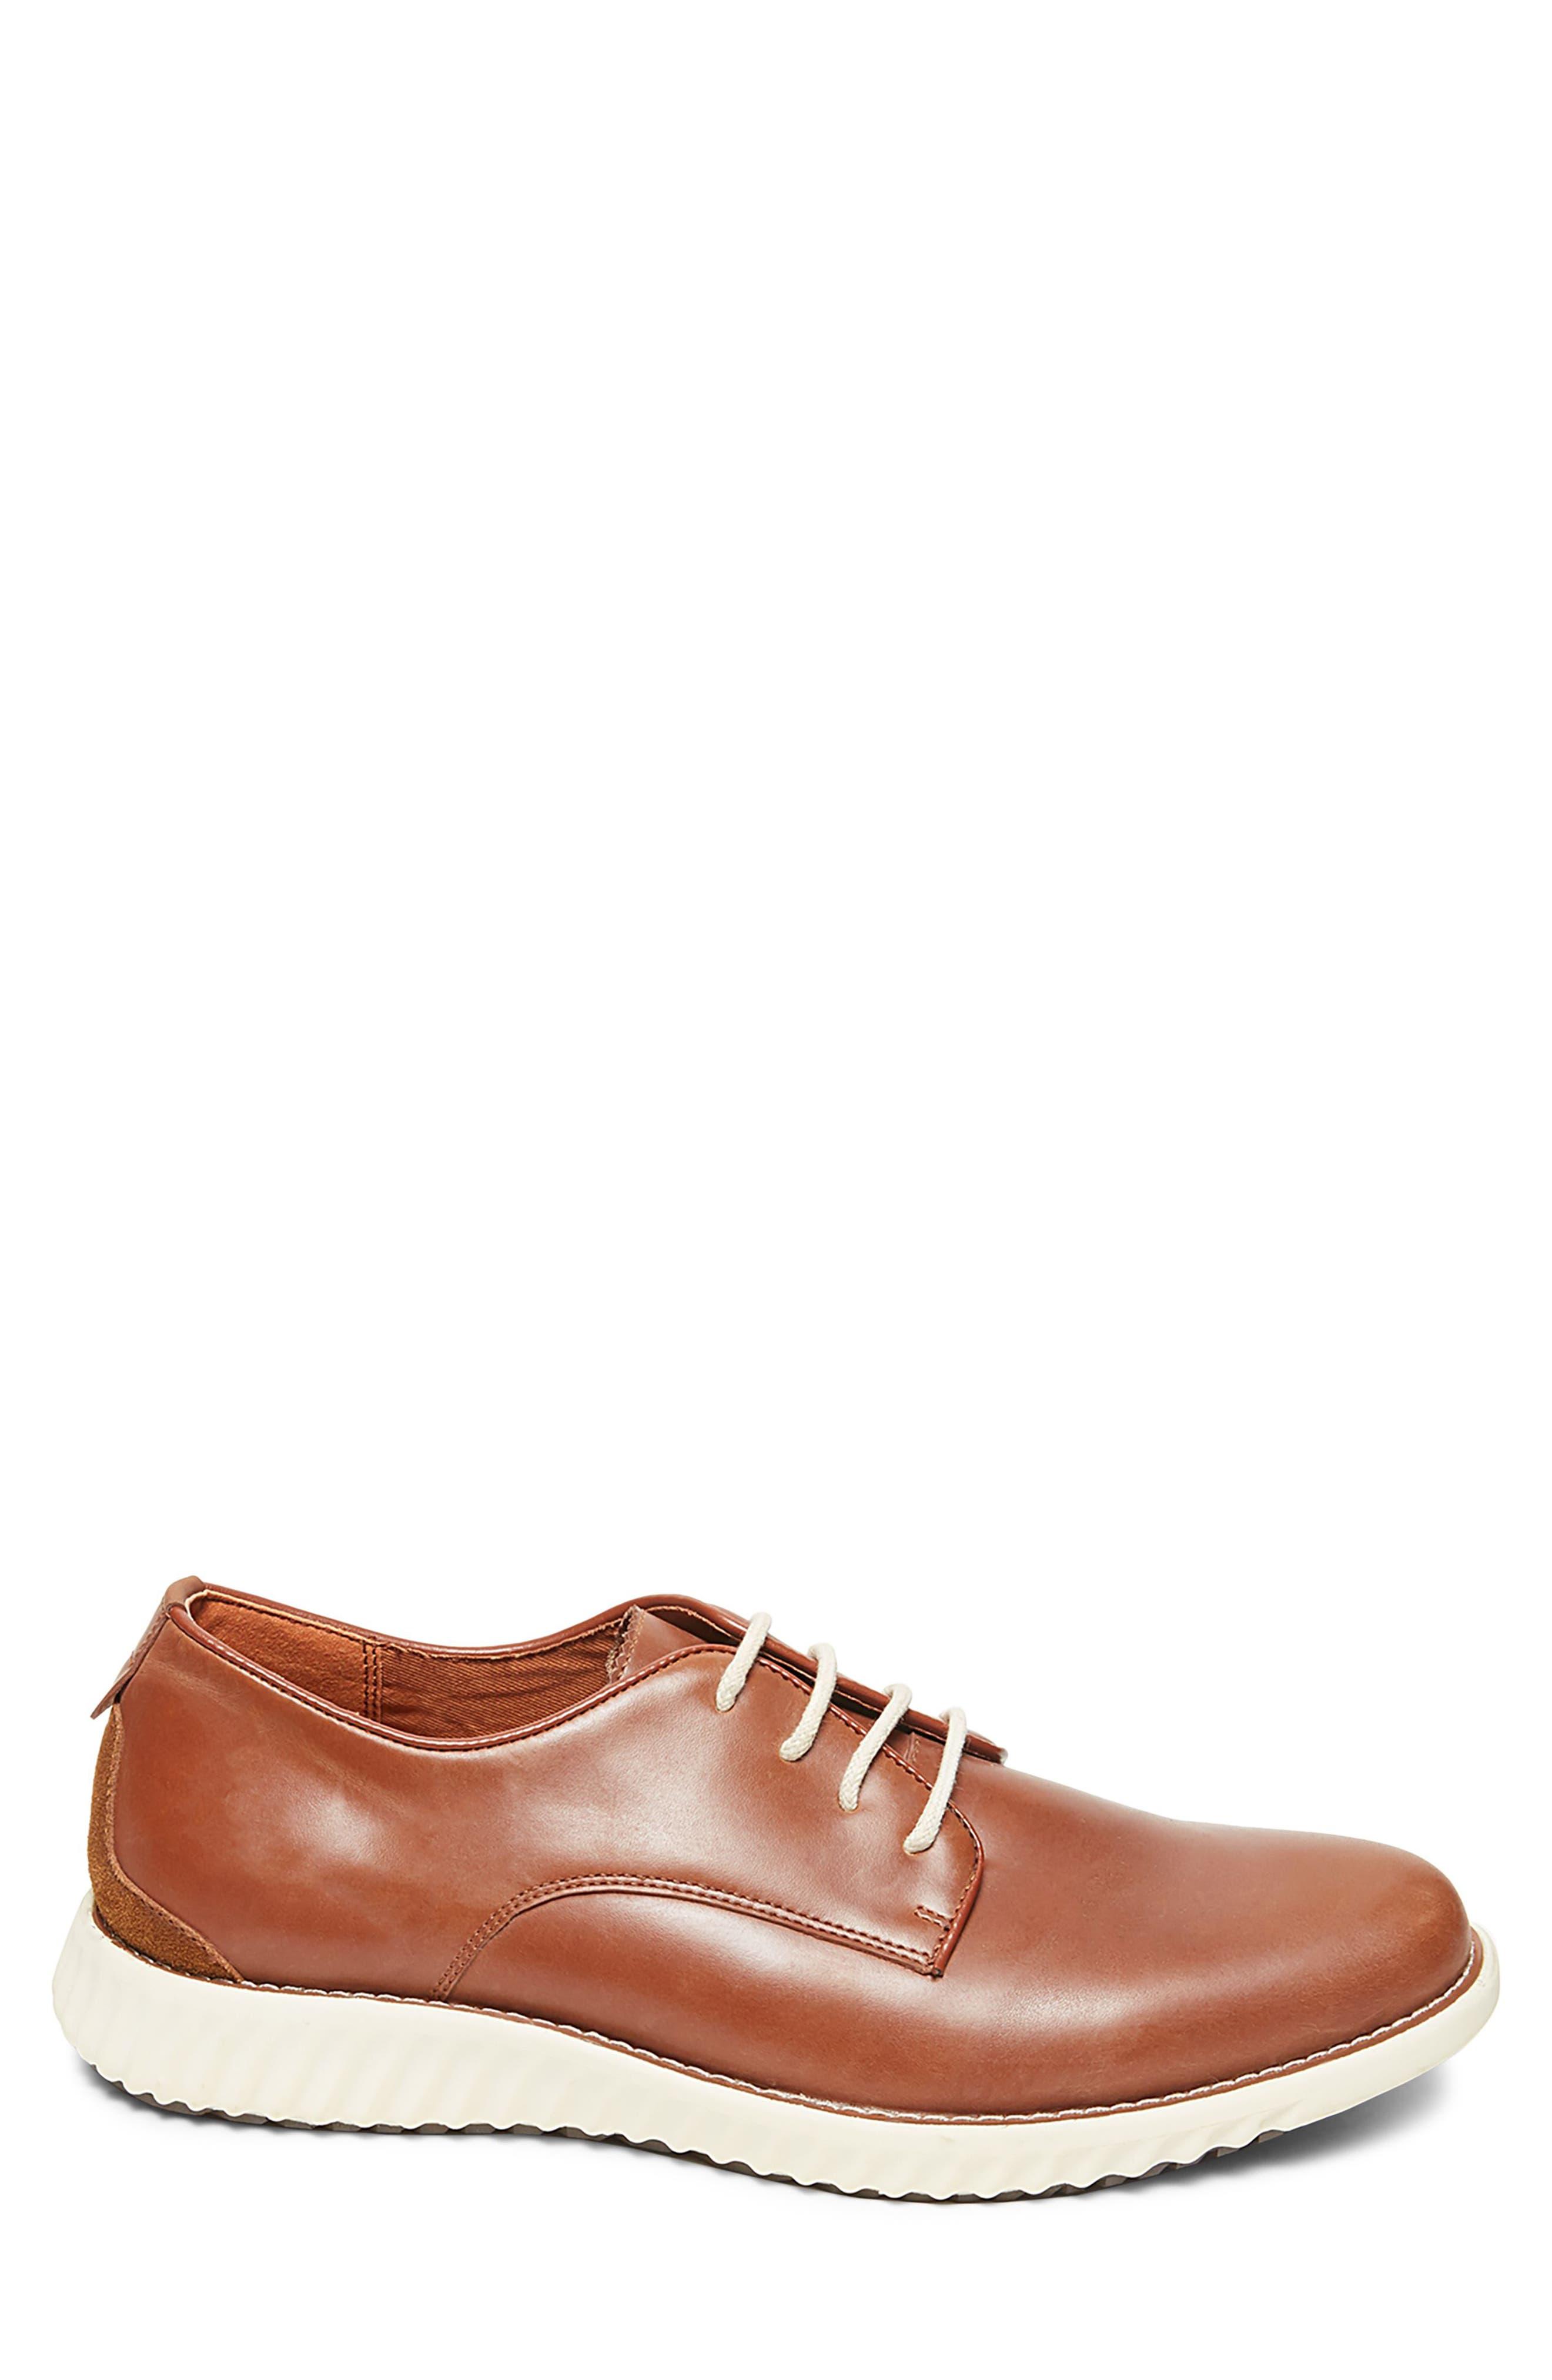 Vance Sneaker,                             Alternate thumbnail 3, color,                             203